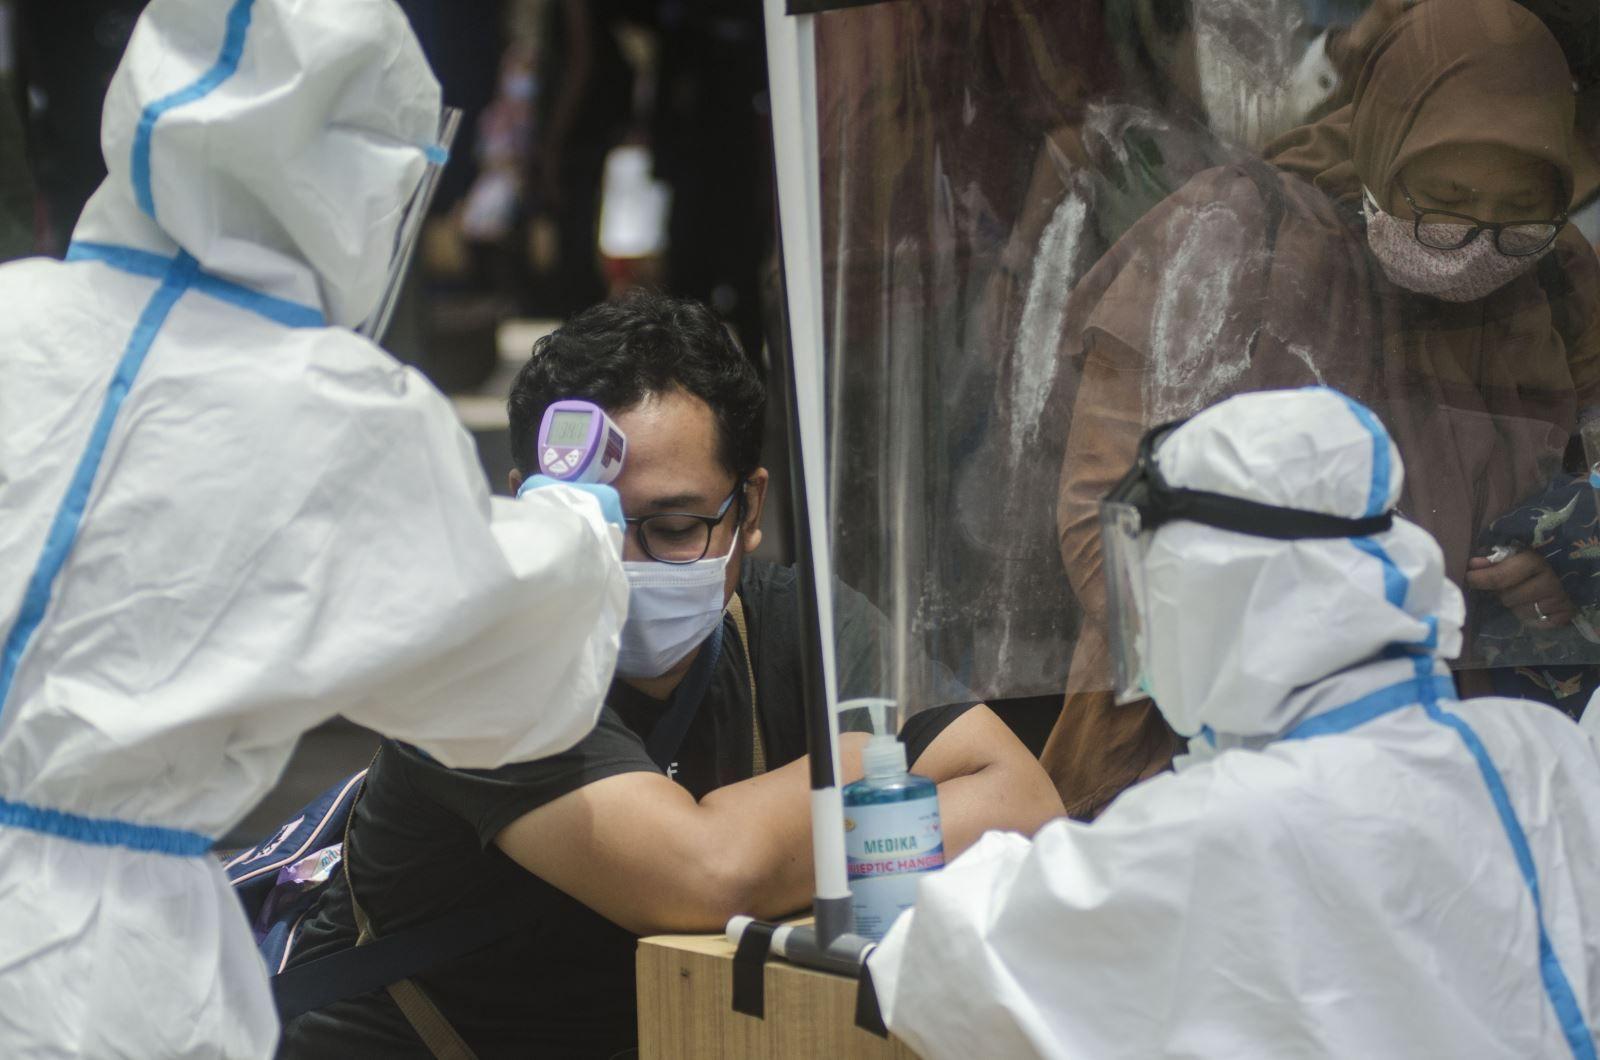 Bộ Y tế đề xuất dừng các chuyến bay từ quốc gia có chủng biến thể mới của SARS-CoV-2 - Ảnh 1.